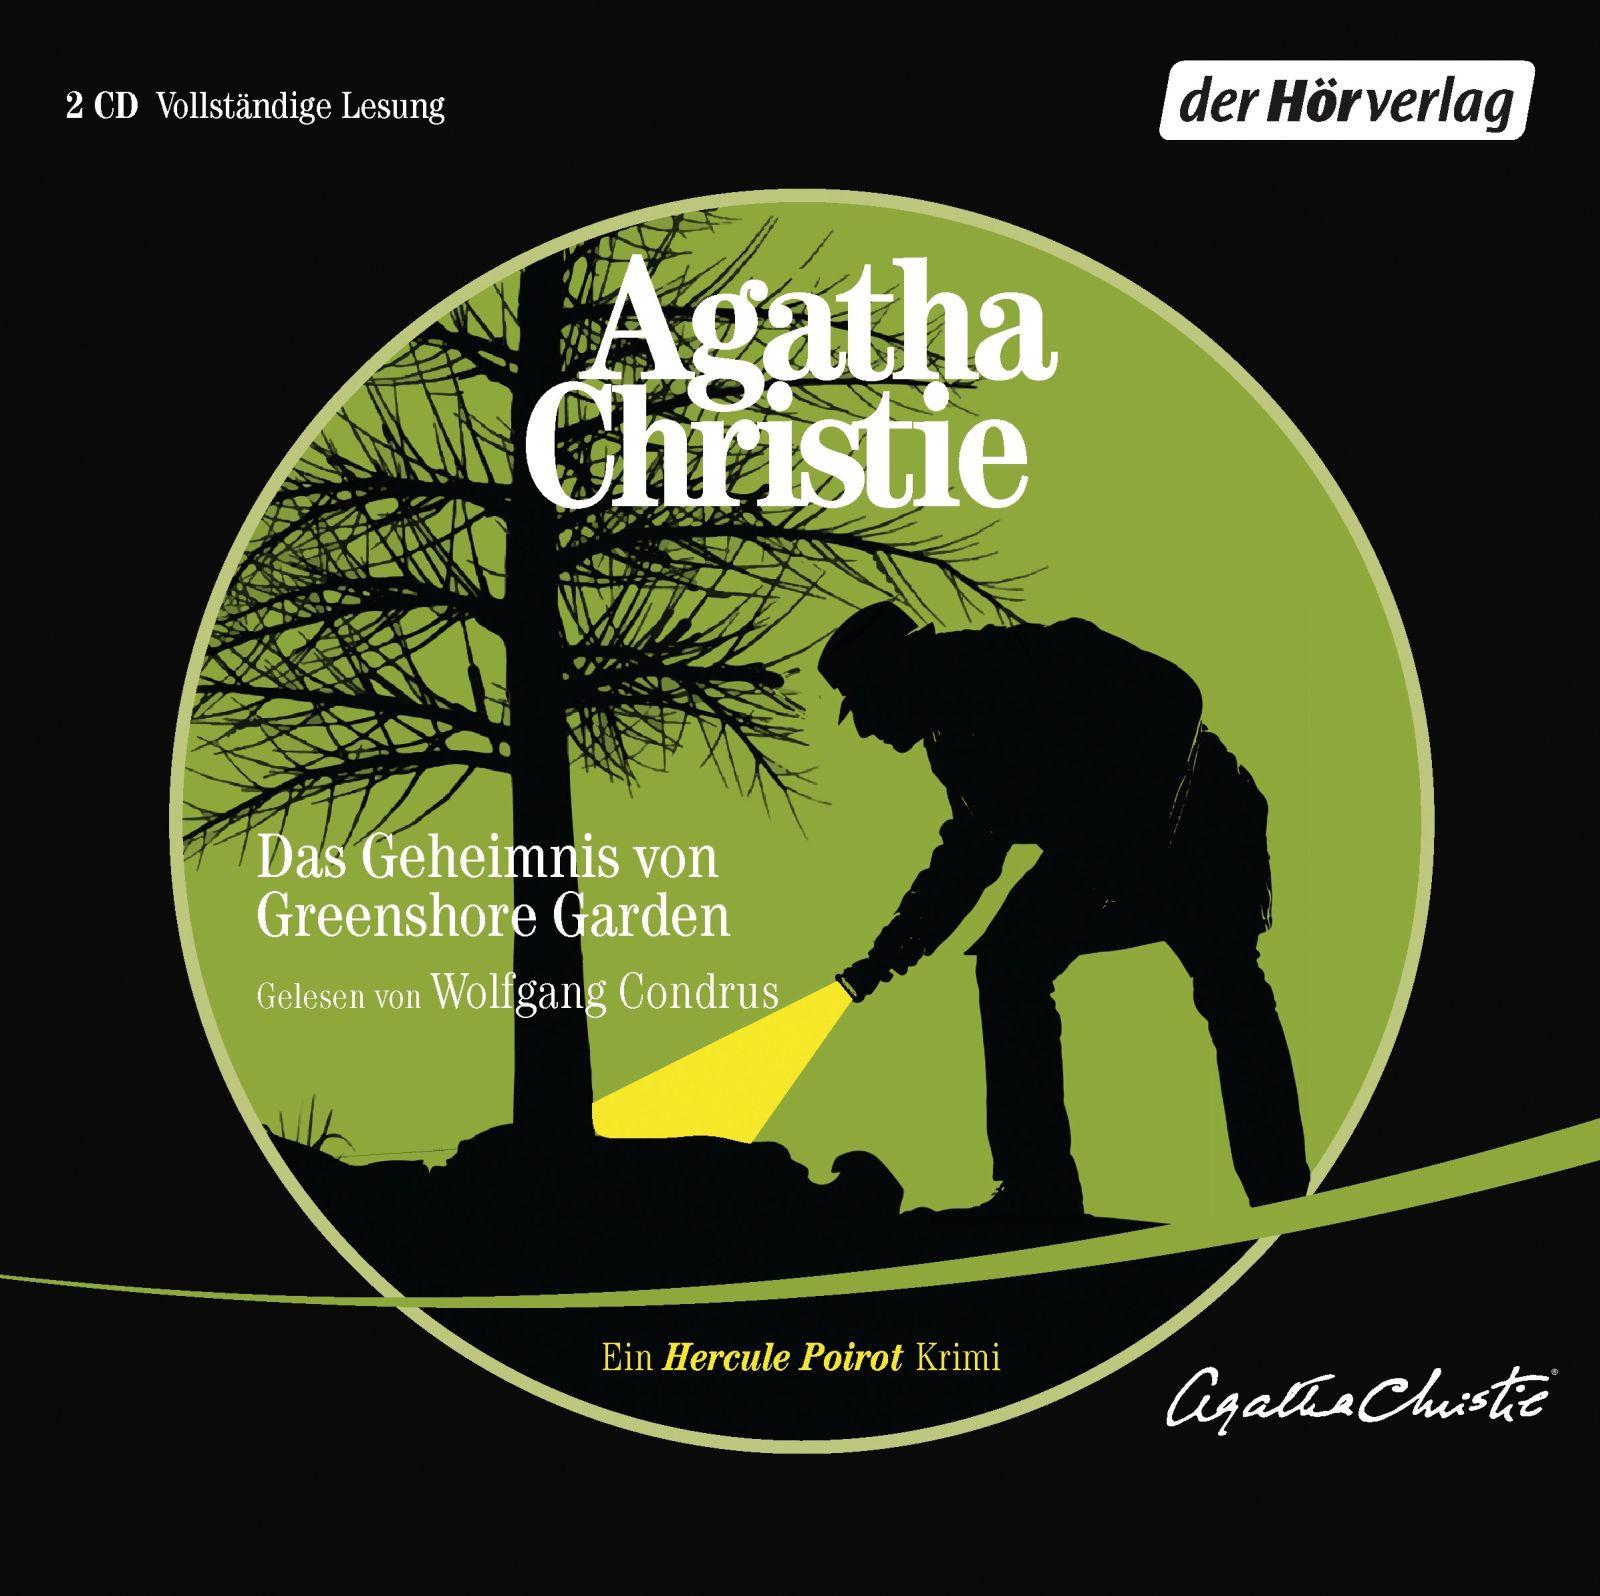 Agatha Christie - Das Geheimnis von Greenshore Garden